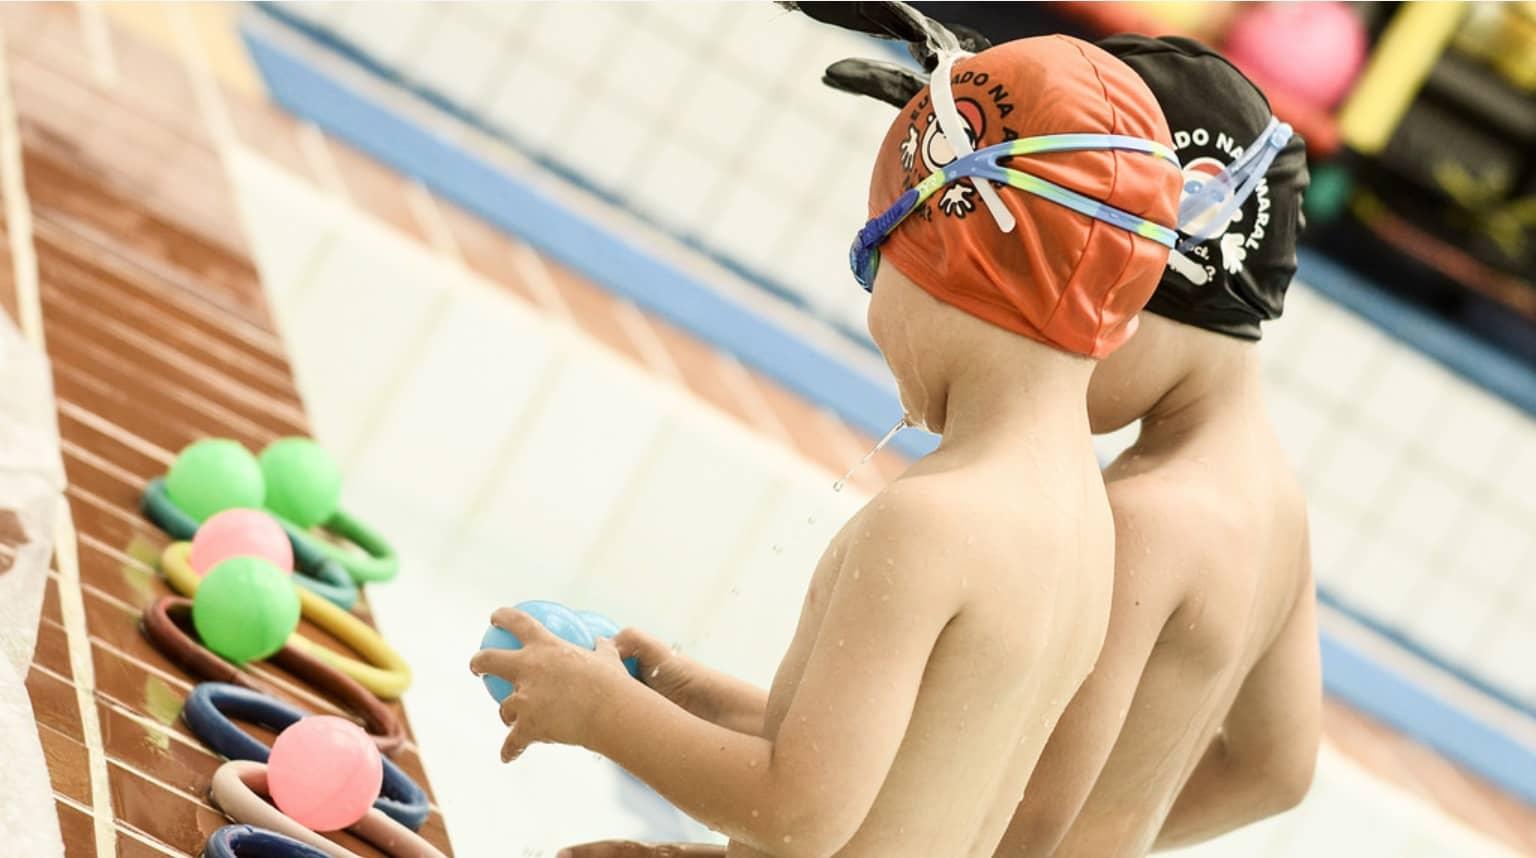 piscina-02-criancas-menores-2